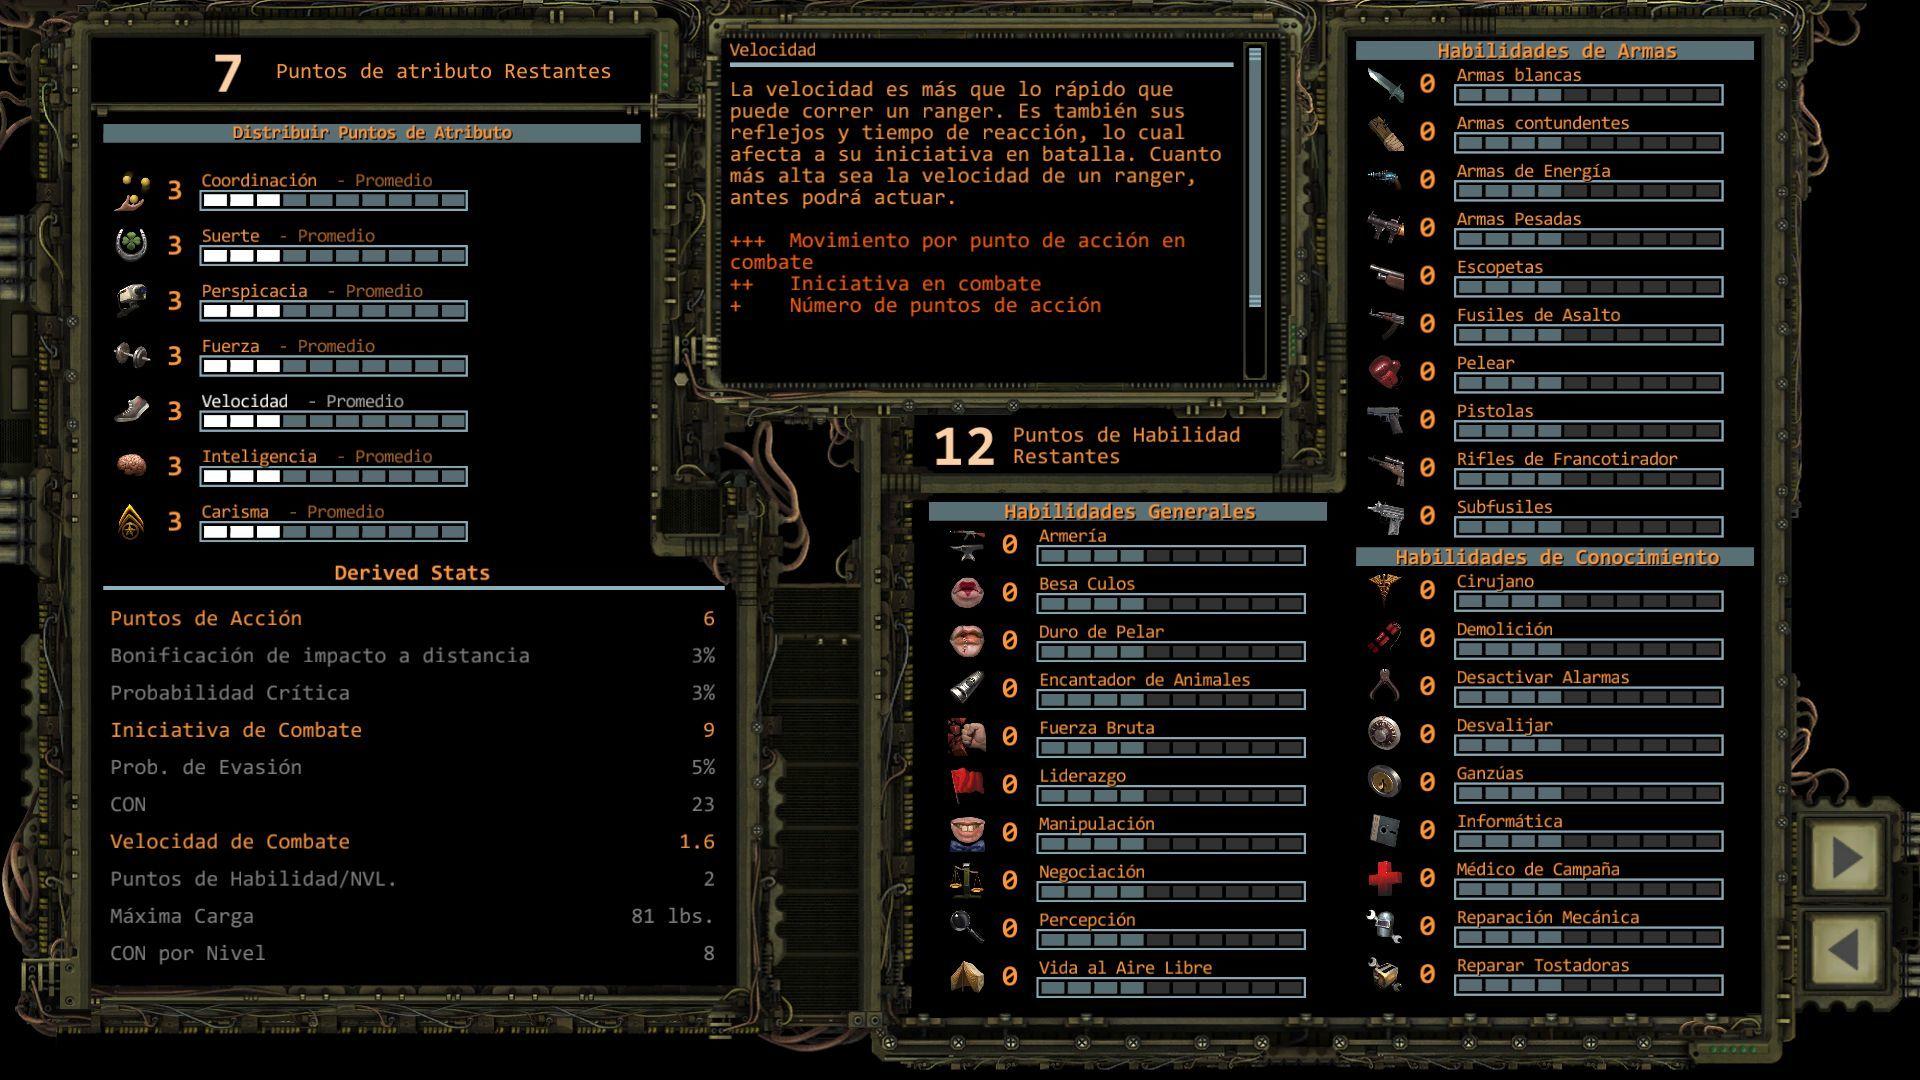 Foto de Distribución de puntos de Atributo en Wasteland 2 (7/11)